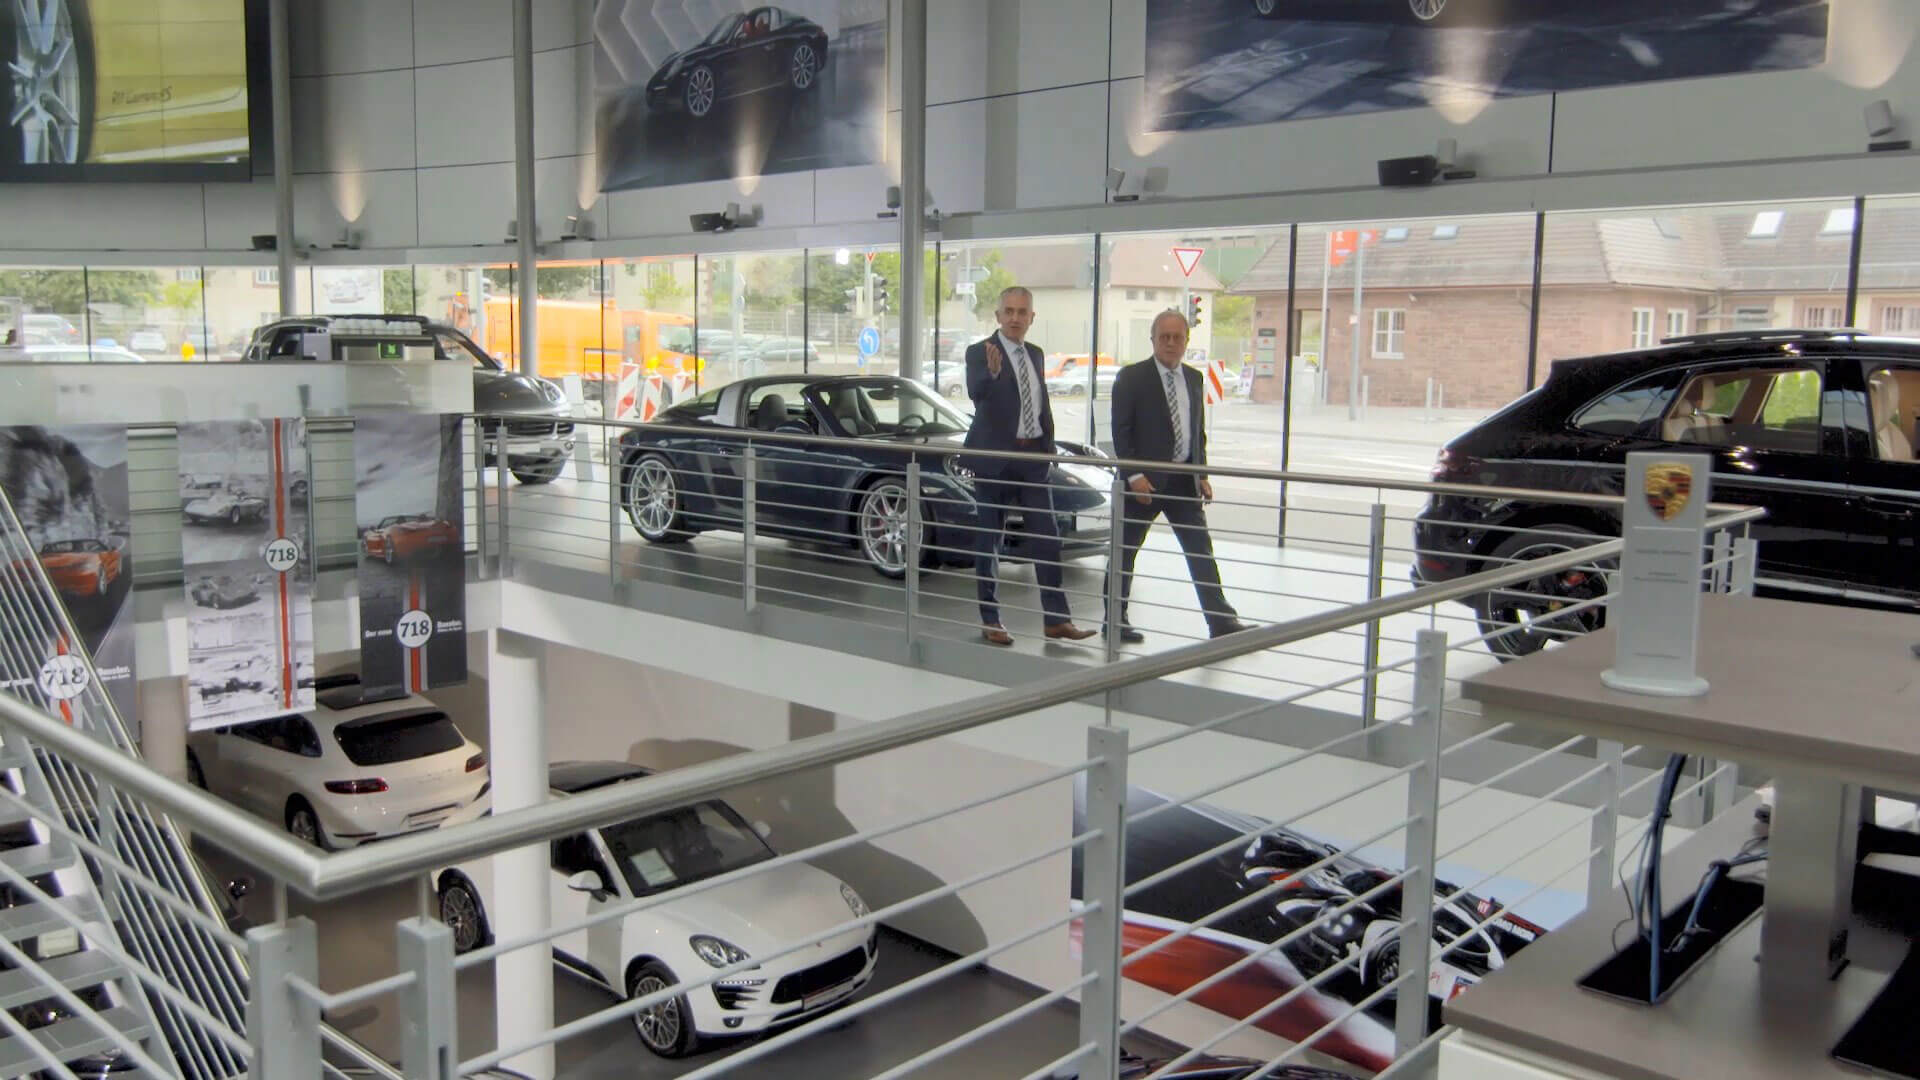 Der Imagefilm der Hahn Gruppe wurde anlässlich der Einweihung des fünften Hahn Porsche Zentrums in Böblingen erstellt.